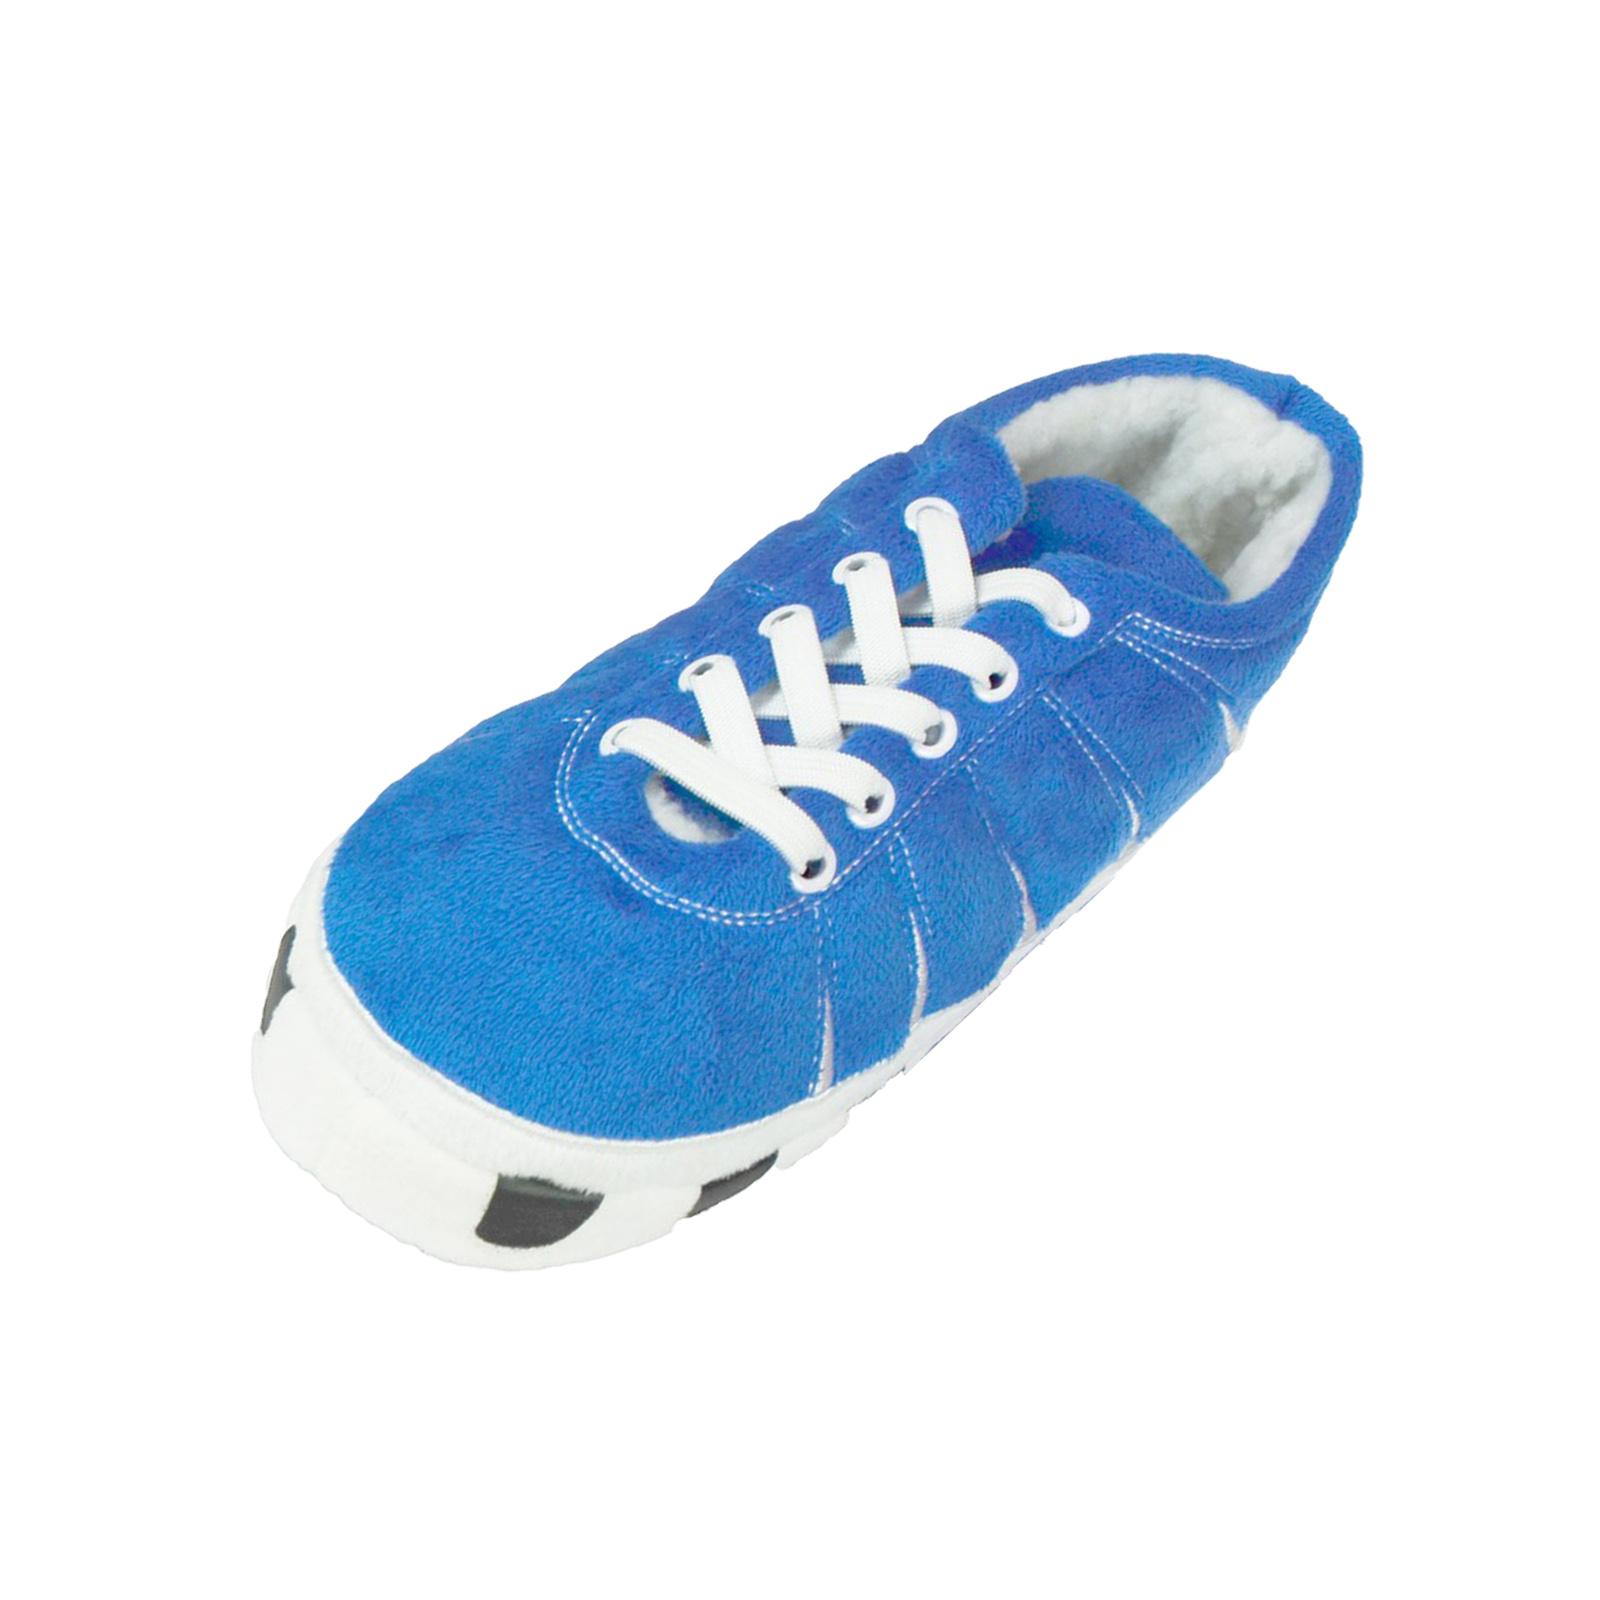 Damen Laufschuhe Sportschuhe Turnschuhe Schnürer Sneaker 830416 Trendy Neu